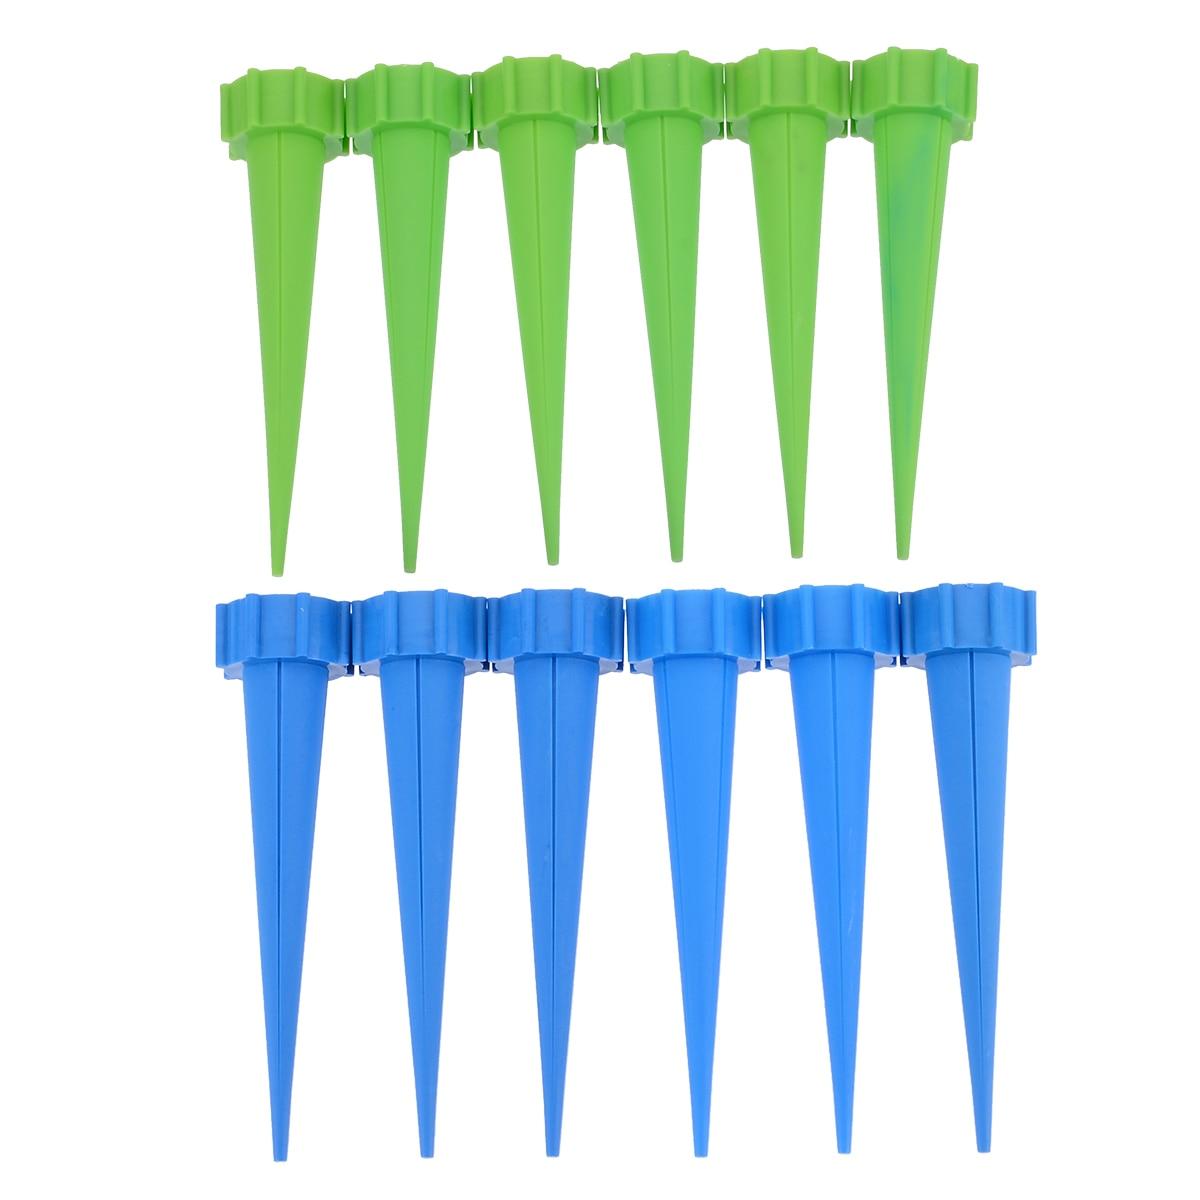 12 Pz/lotto Giardino Irrigazione Automatica Irrigazione Kit Fiore Flora Acqua Di Controllo A Goccia Del Punto Del Cono Di Bottiglia Di Acqua Sistema Di Irrigazione